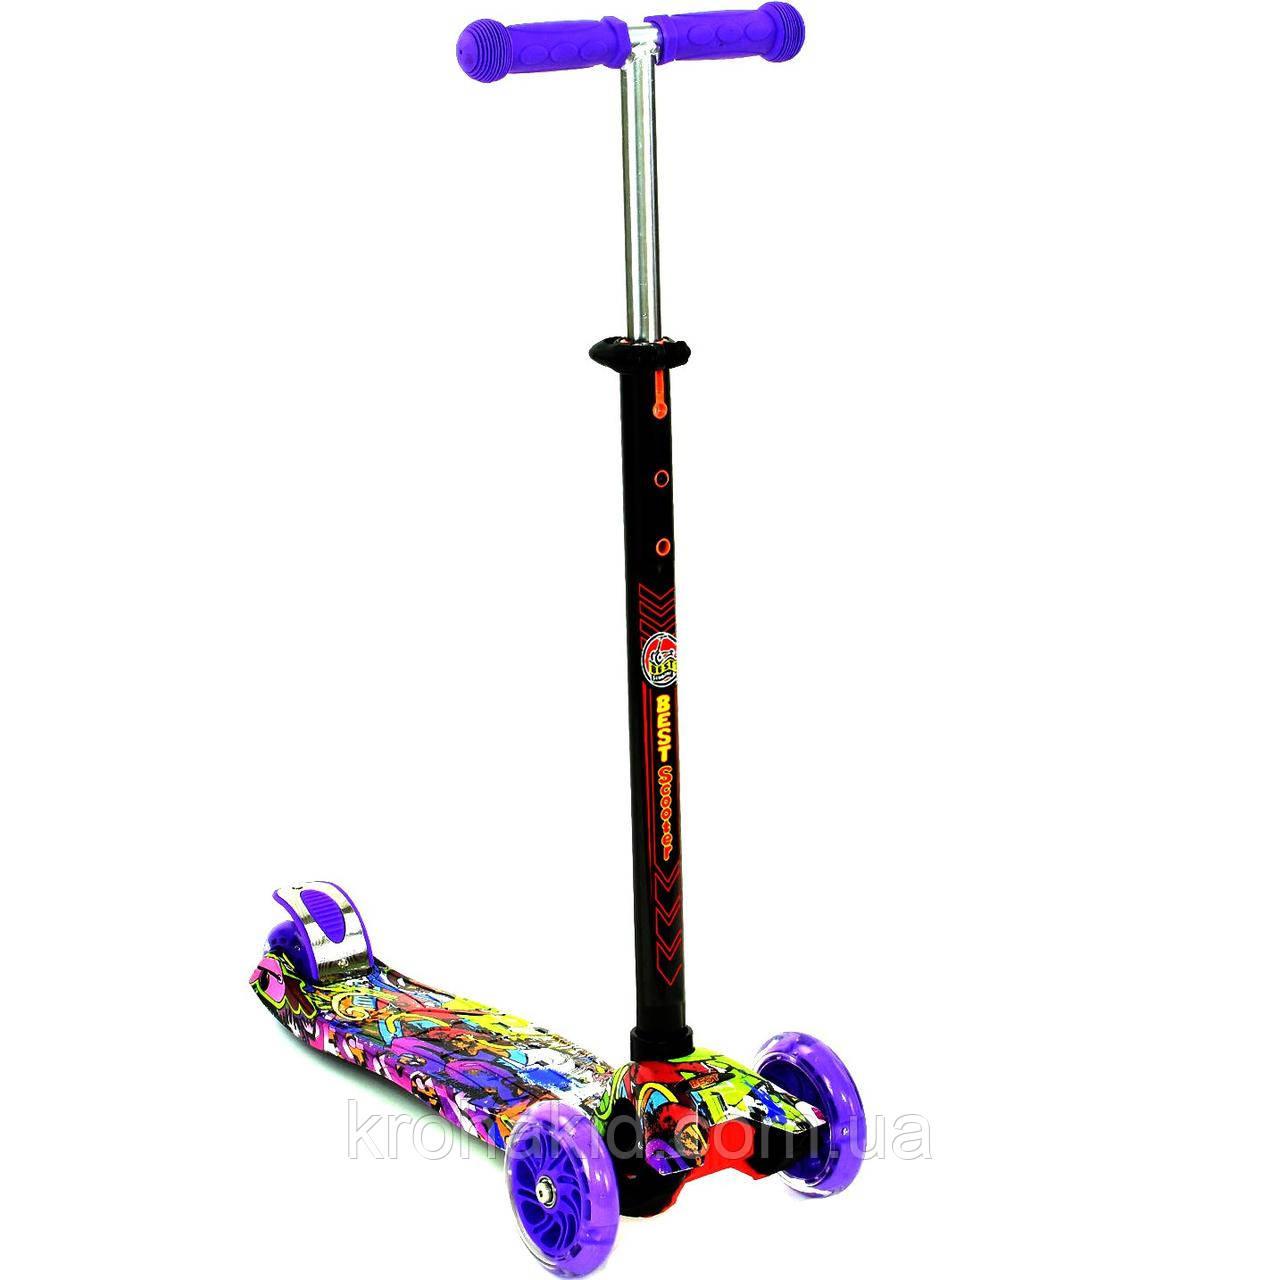 """Самокат MAXI """"Best Scooter"""" А 24646 /779-1390, свет. колеса PU, трубка руля алюминиевая"""